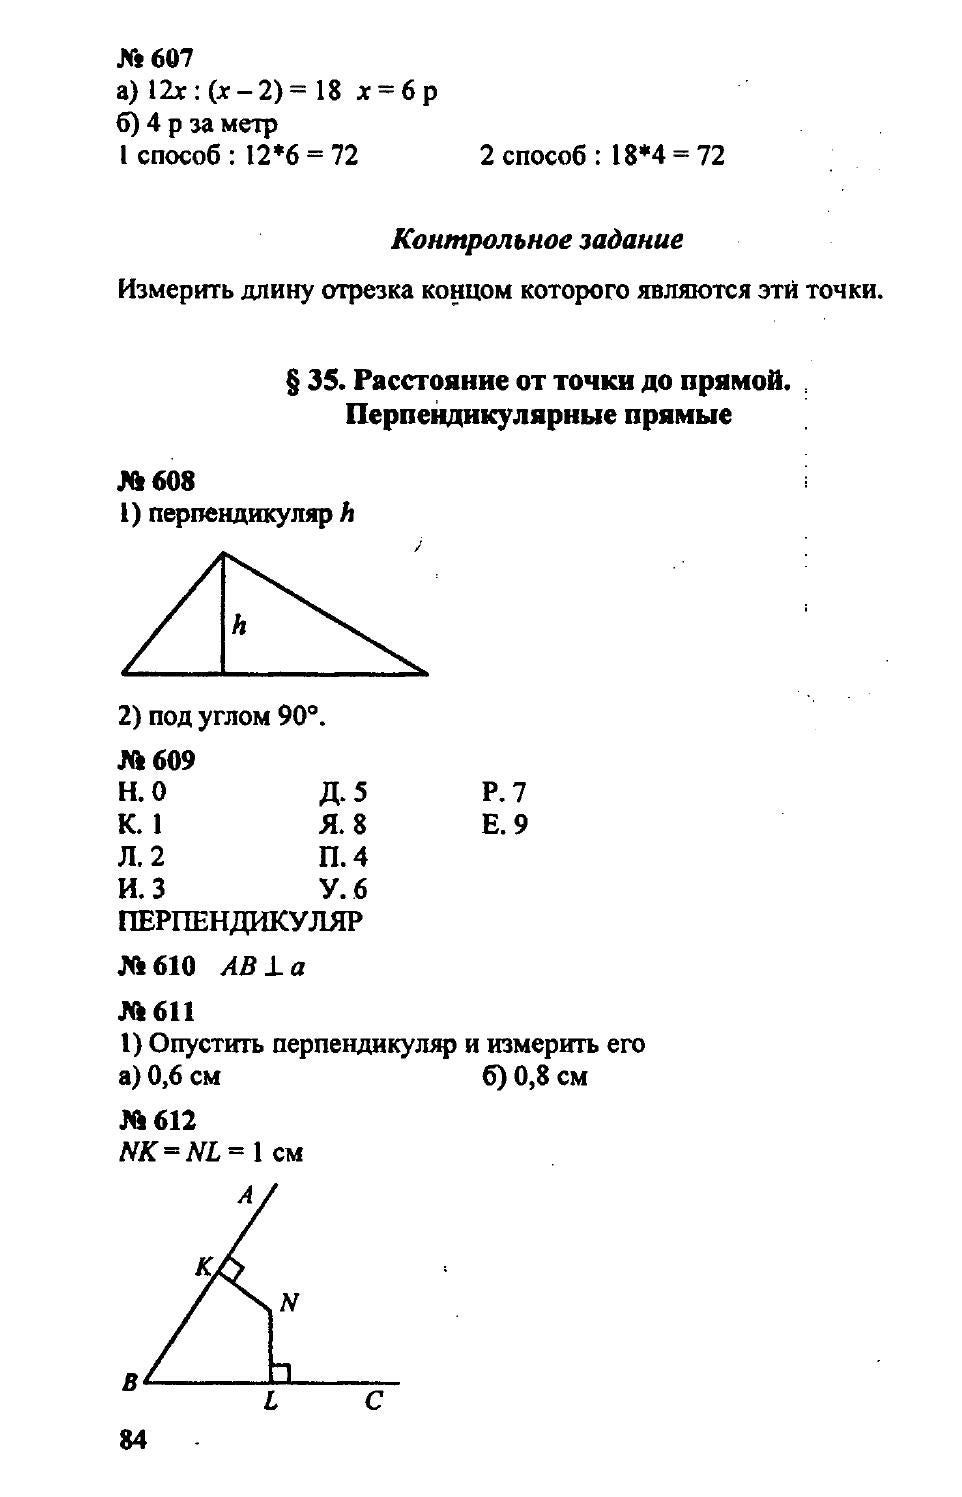 гдз по математике 6 класс зубарева мордкович домашняя и контрольная работы